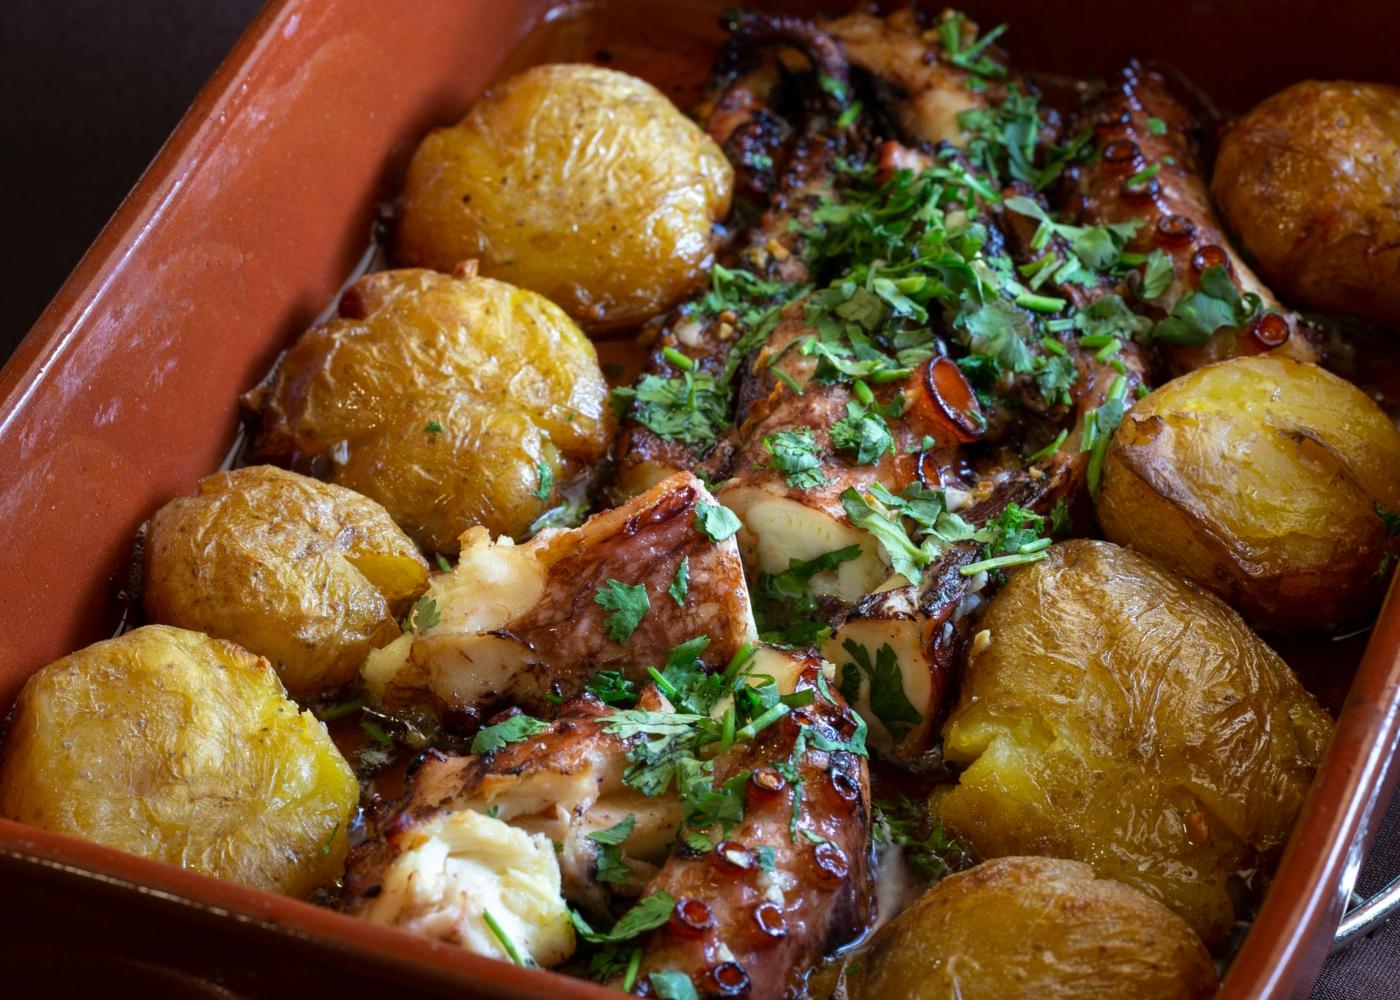 Polvo à Lagareiro servido com batatas com casca